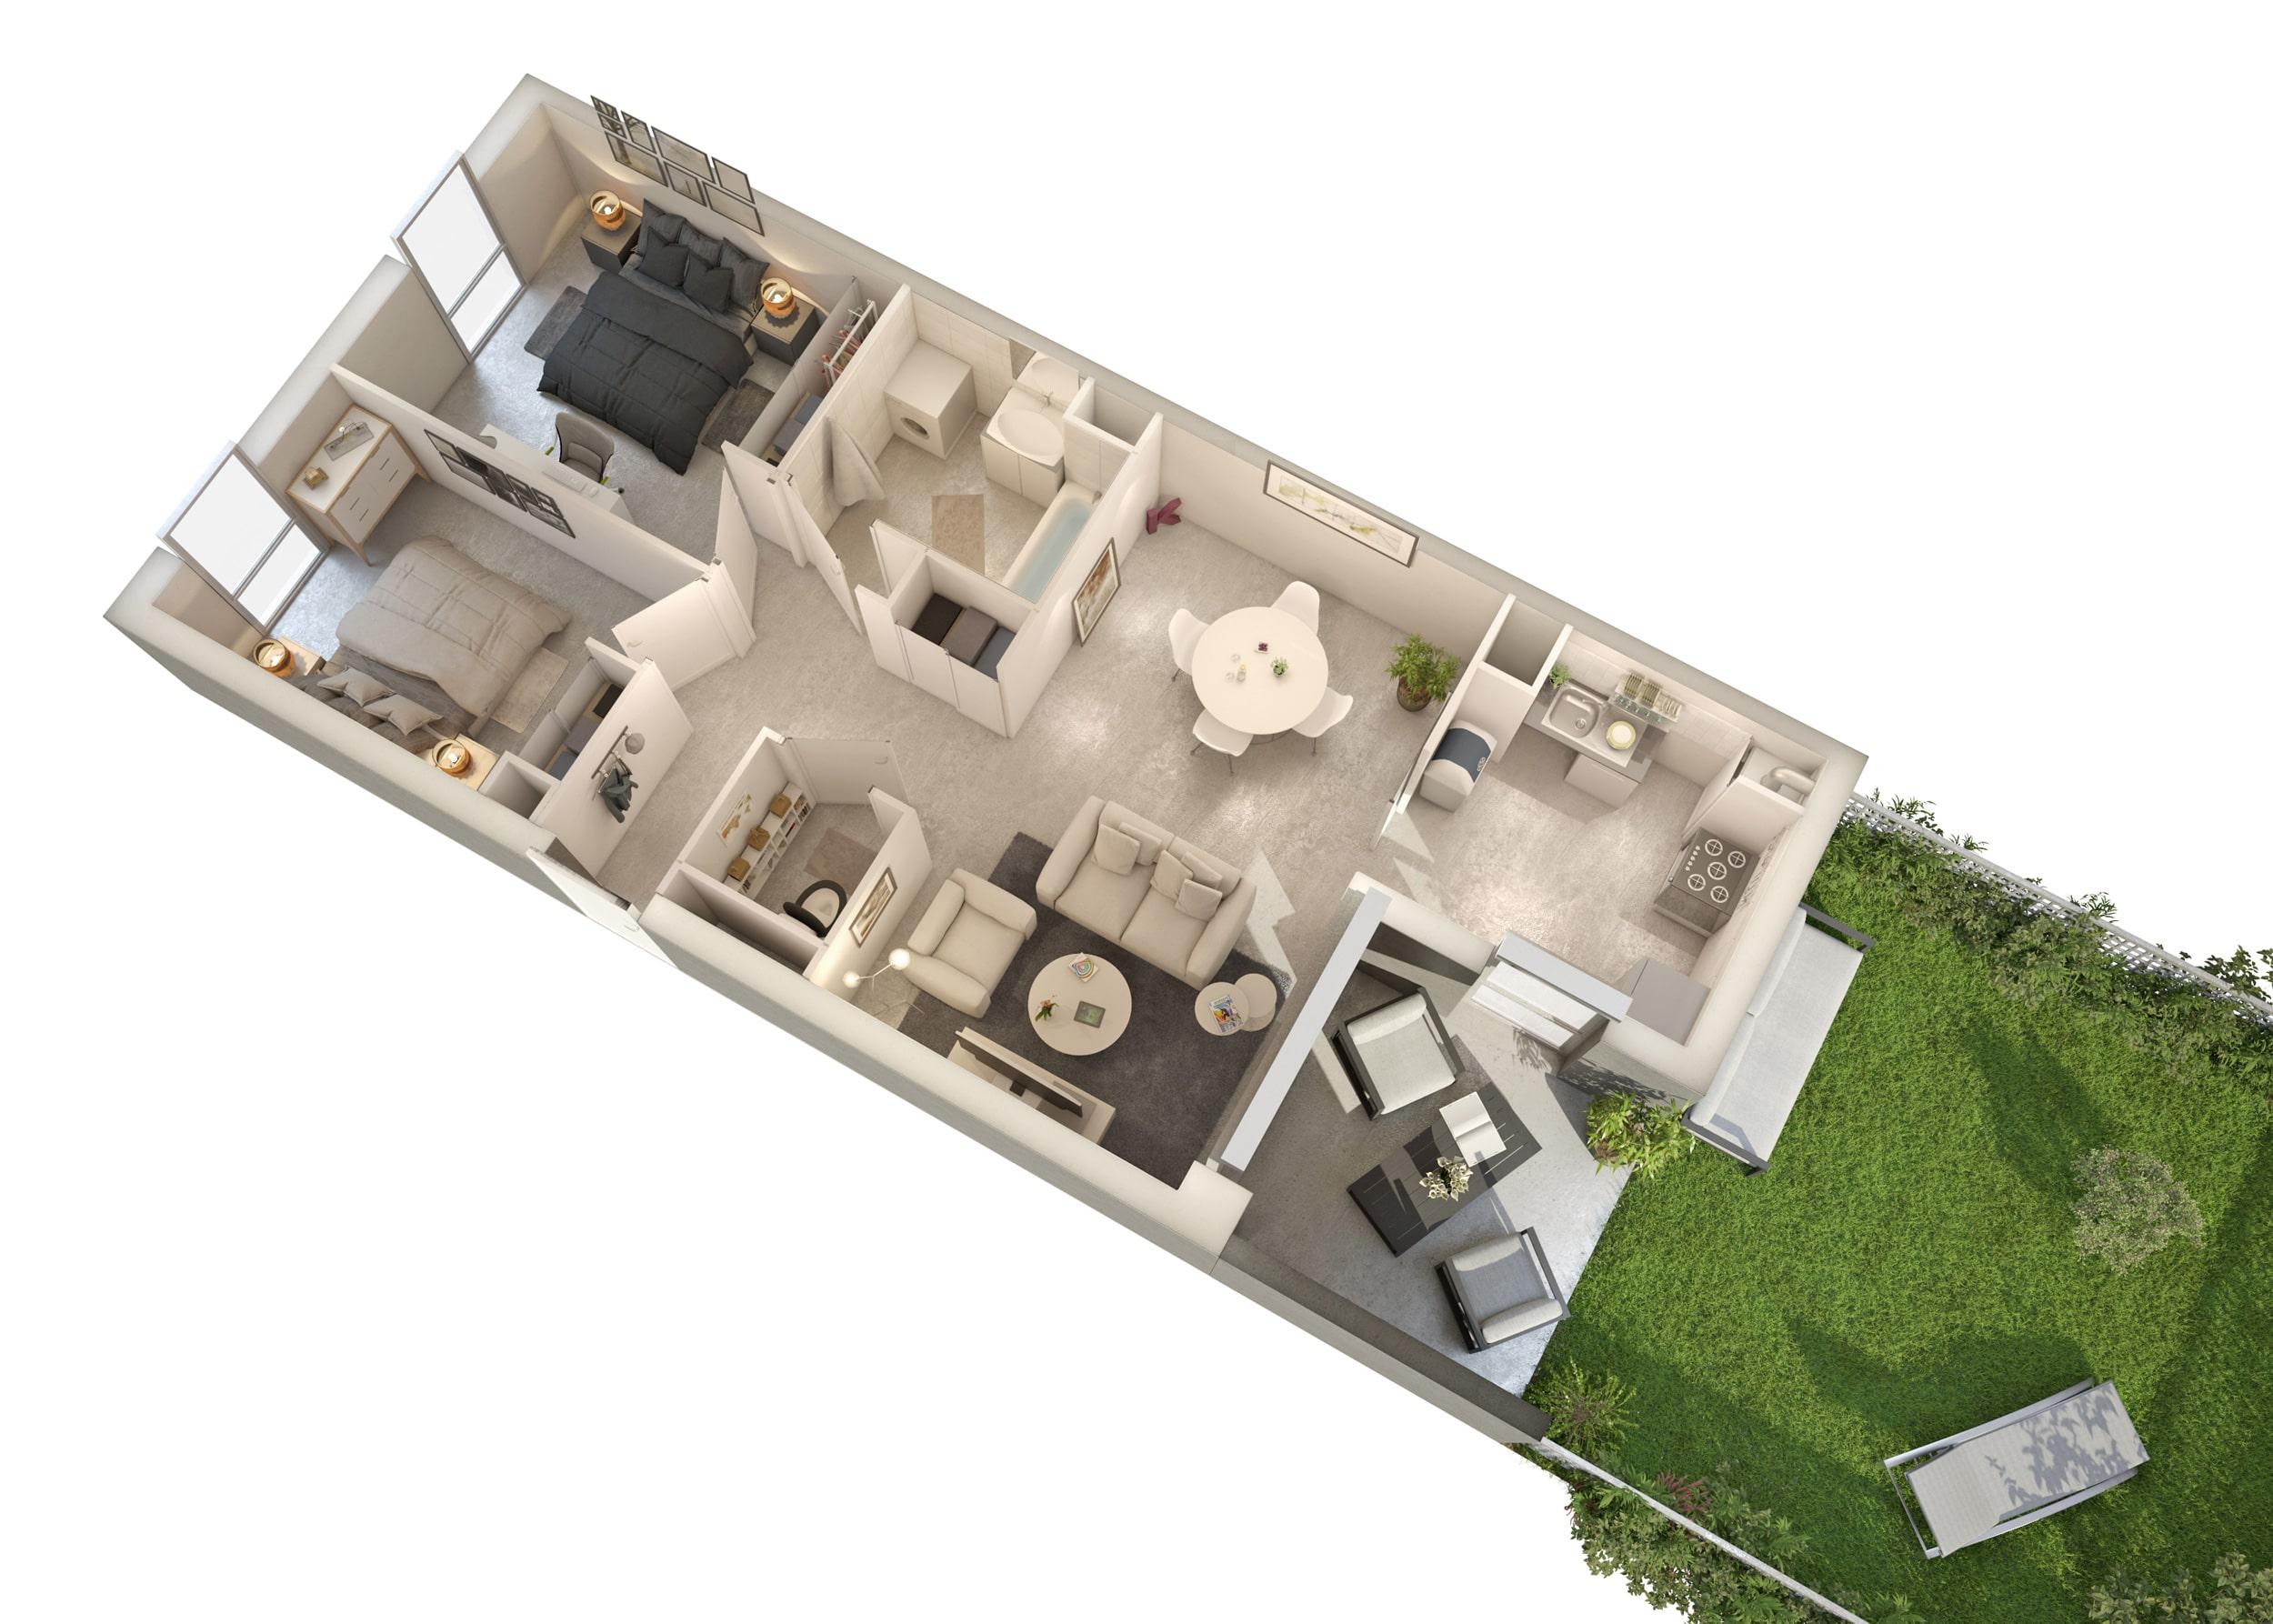 Modélisation d'intérieurs pour logements collectifs, aménagement intérieur type T3